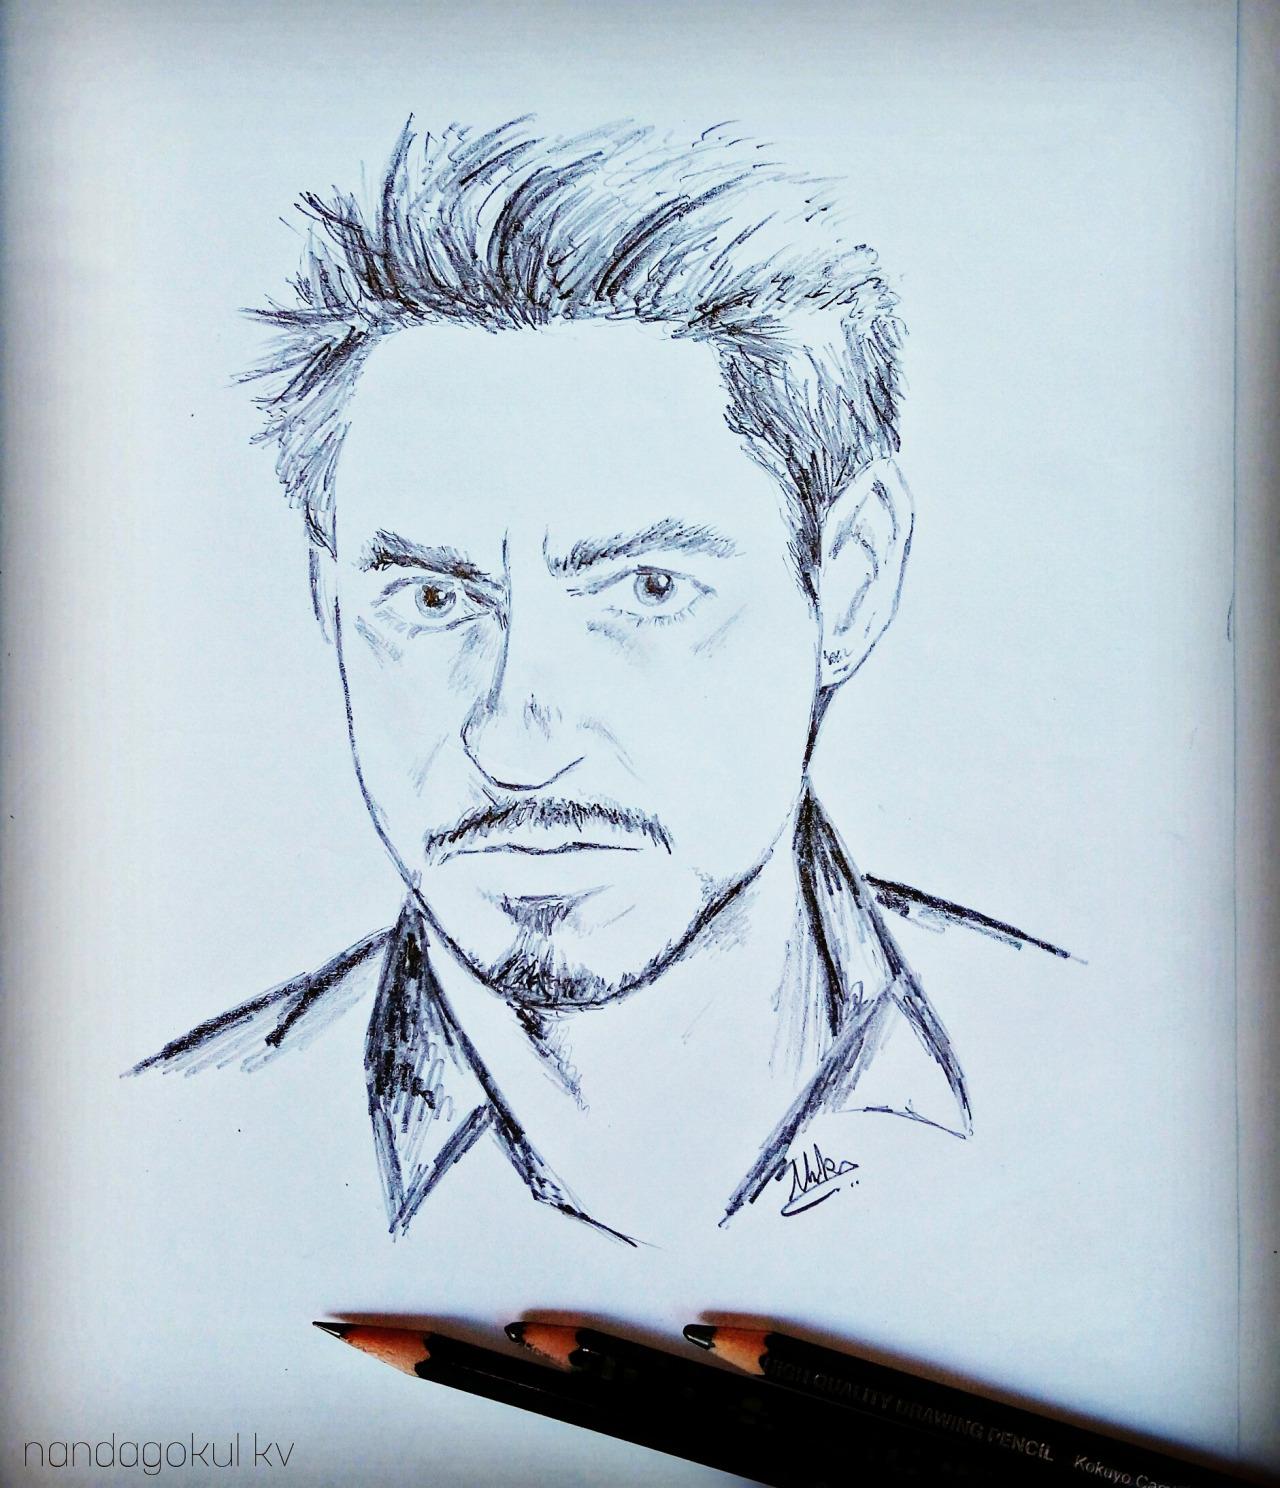 1280x1488 Nandagokulkv Edward (Tony Stark) 2d Simple Pencil